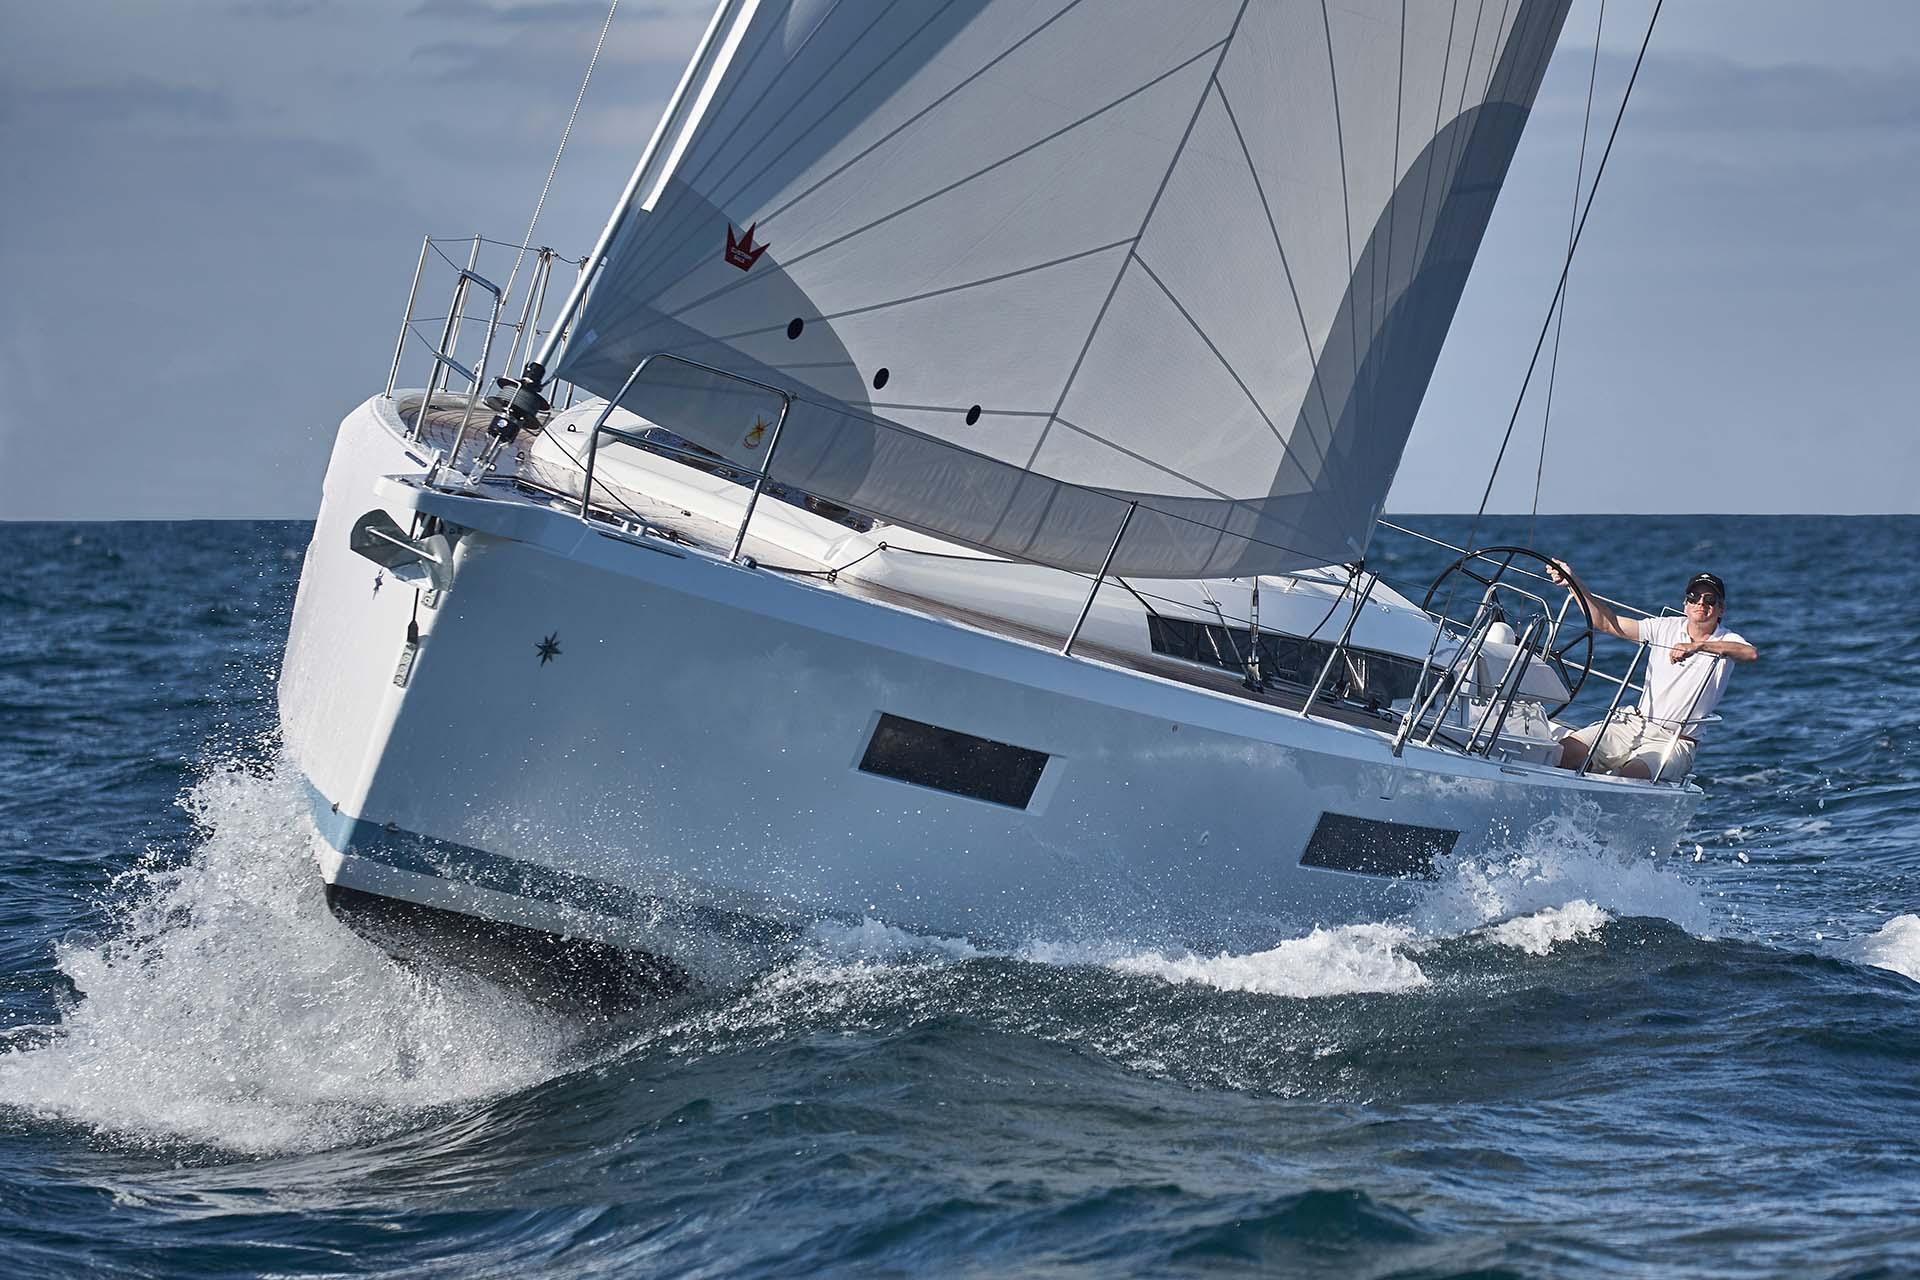 Jeanneau Sun Odyssey 440 cruiser